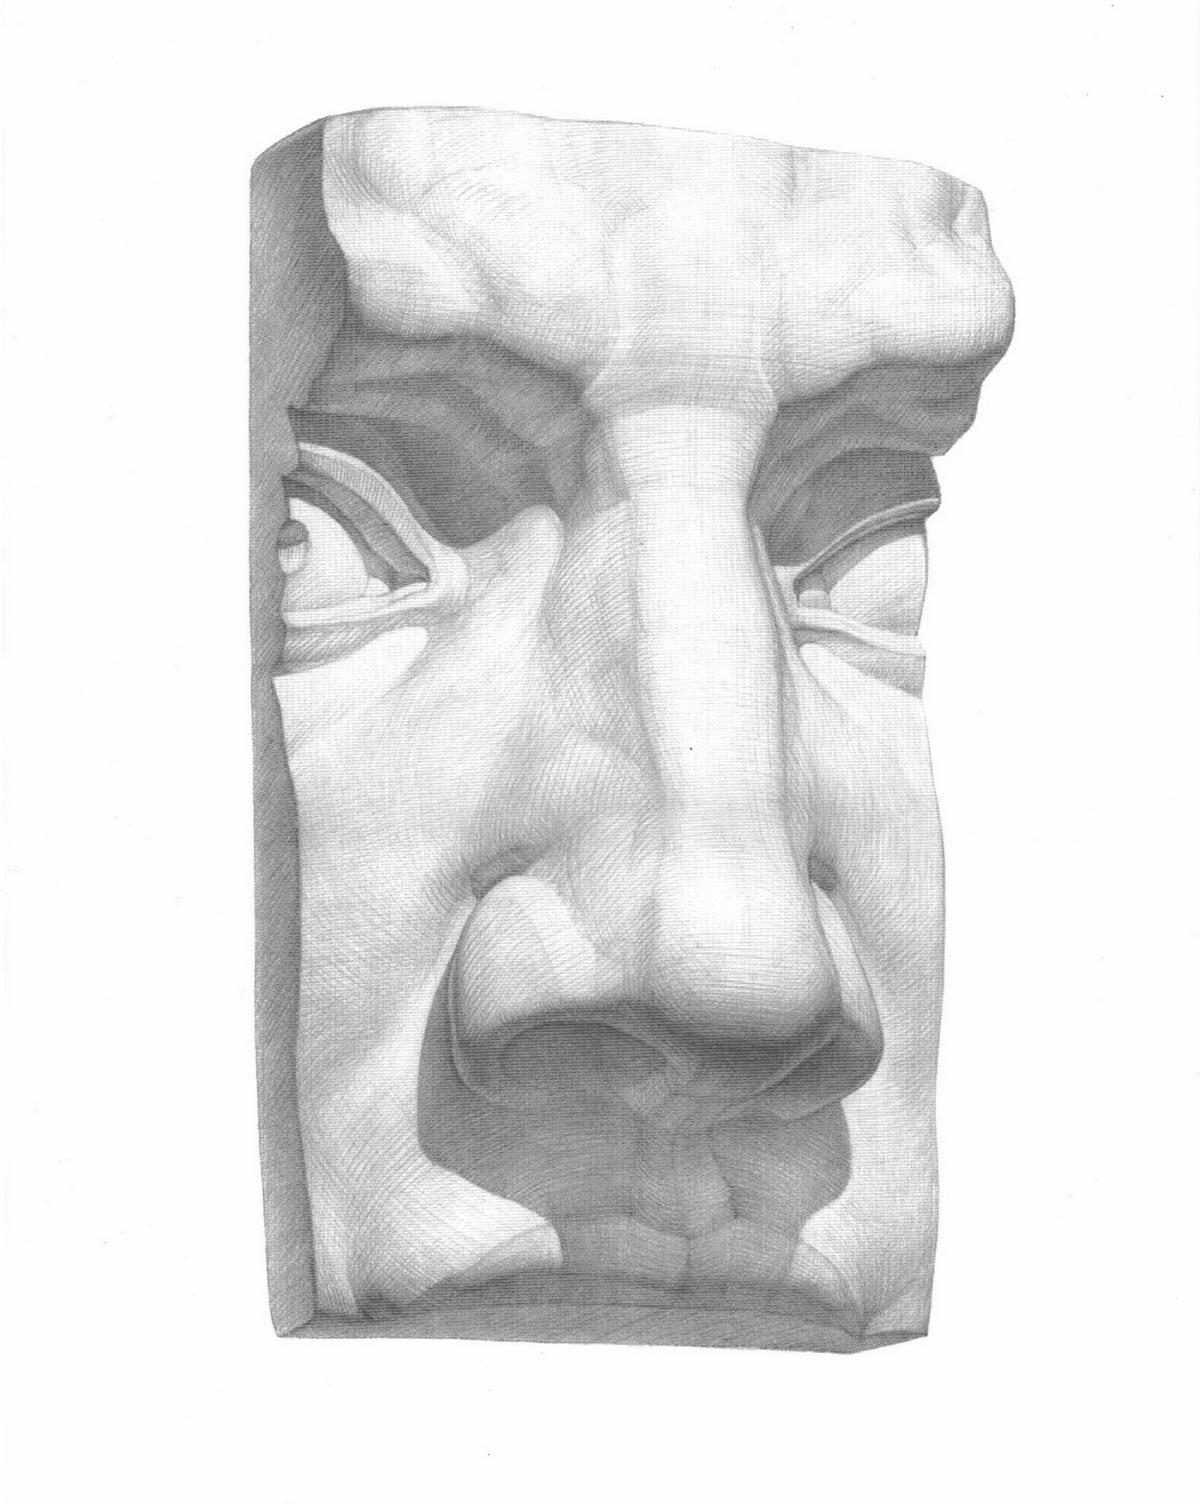 Мастер класс по рисованию гипсовых голов